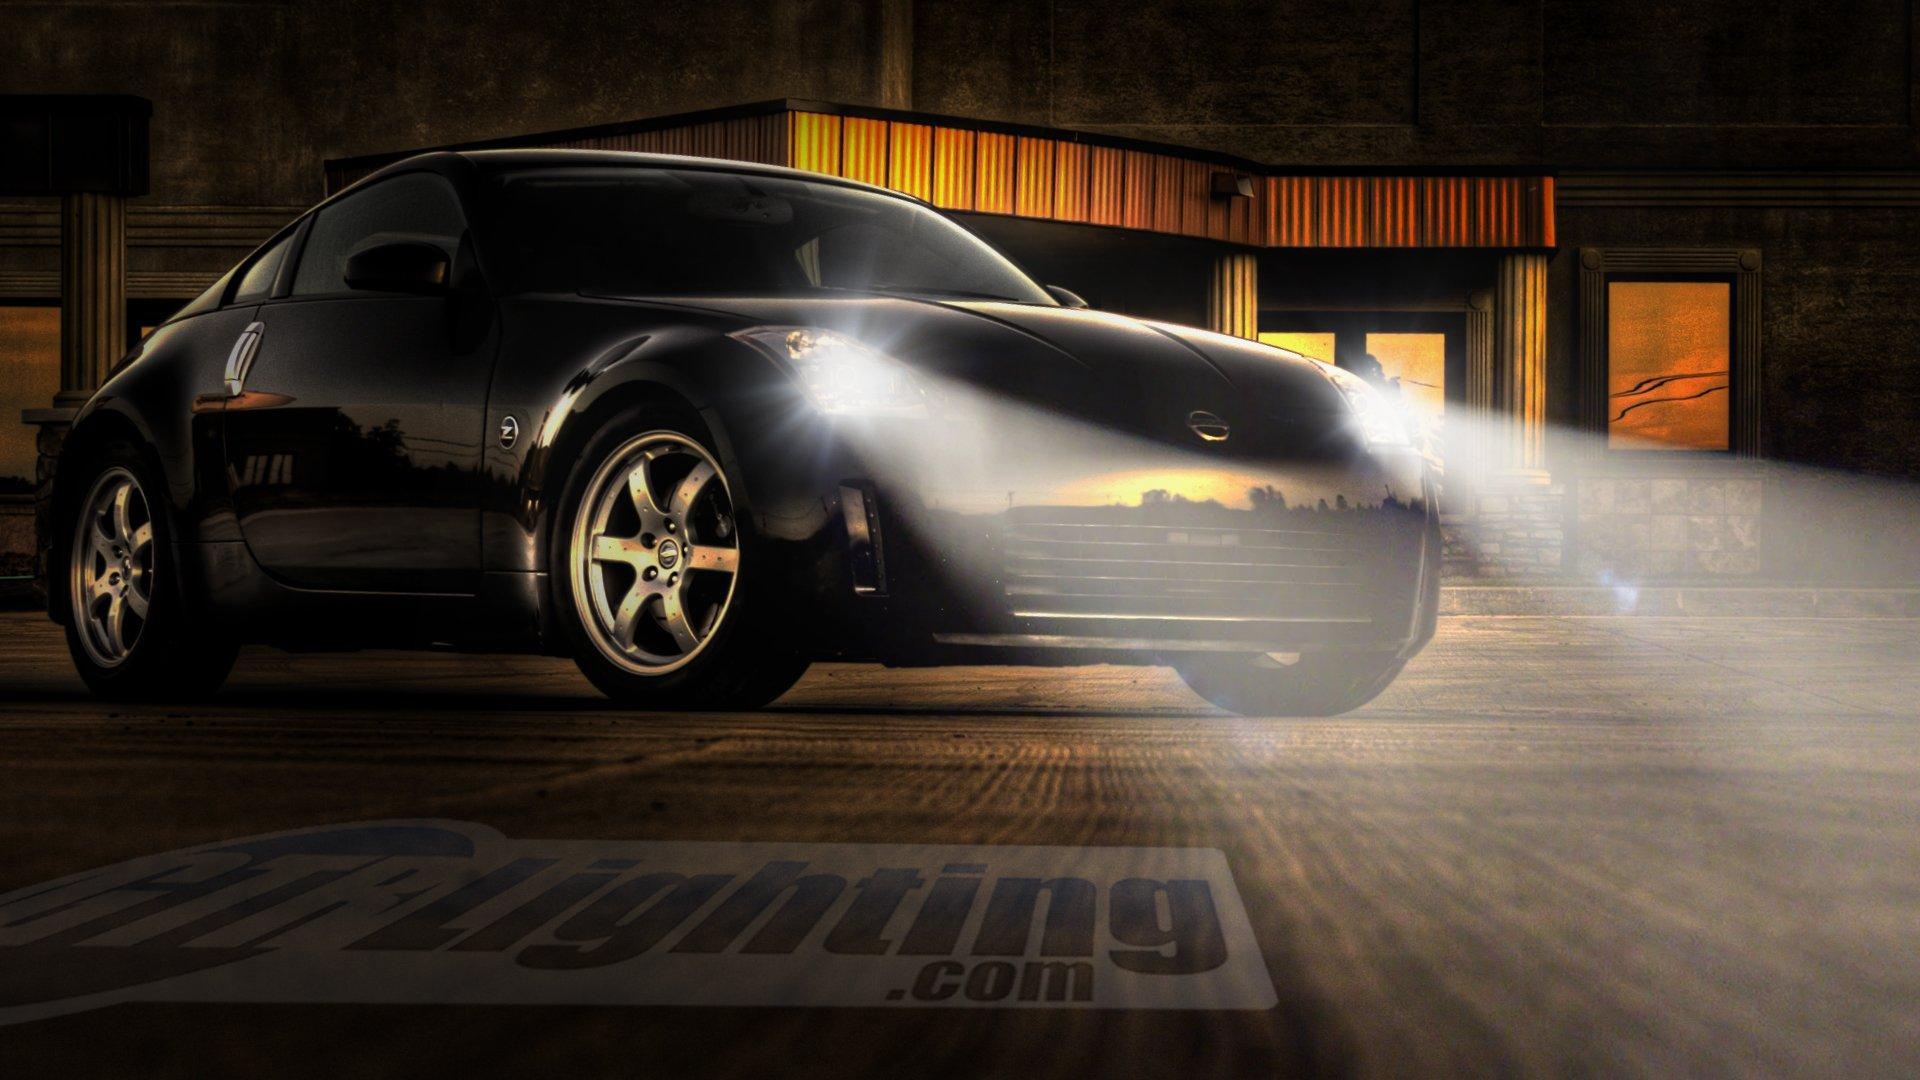 GTR 350Z Wallpaper